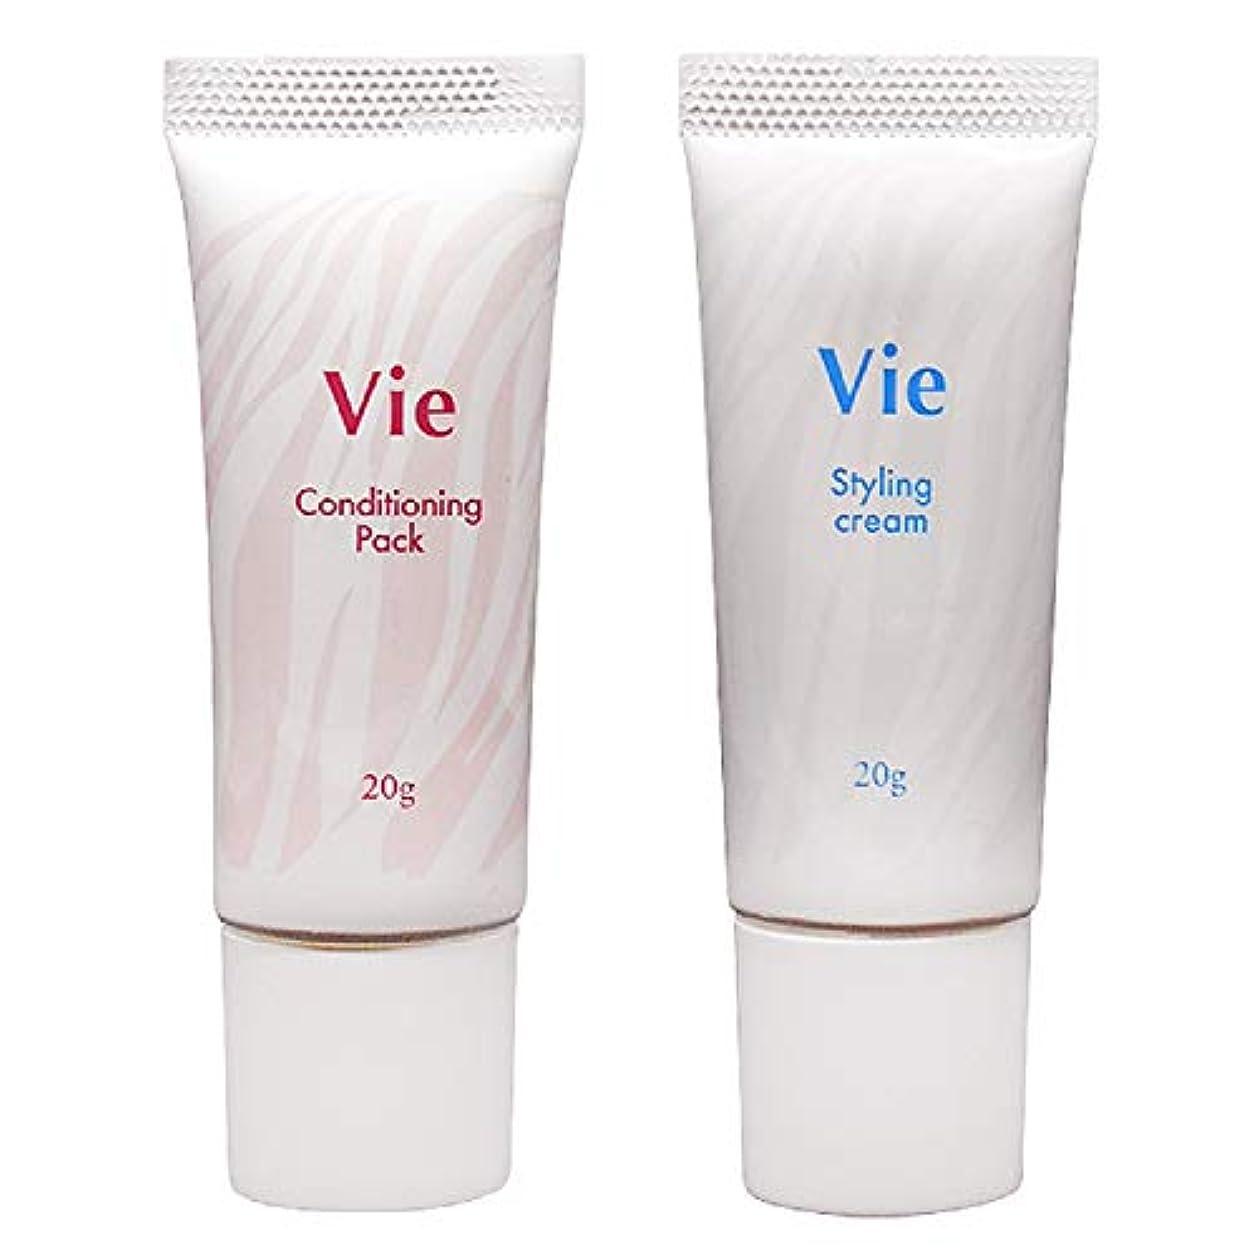 天井精査投票Vie コンディショニングパック 20g + スタイリングクリーム20g セット